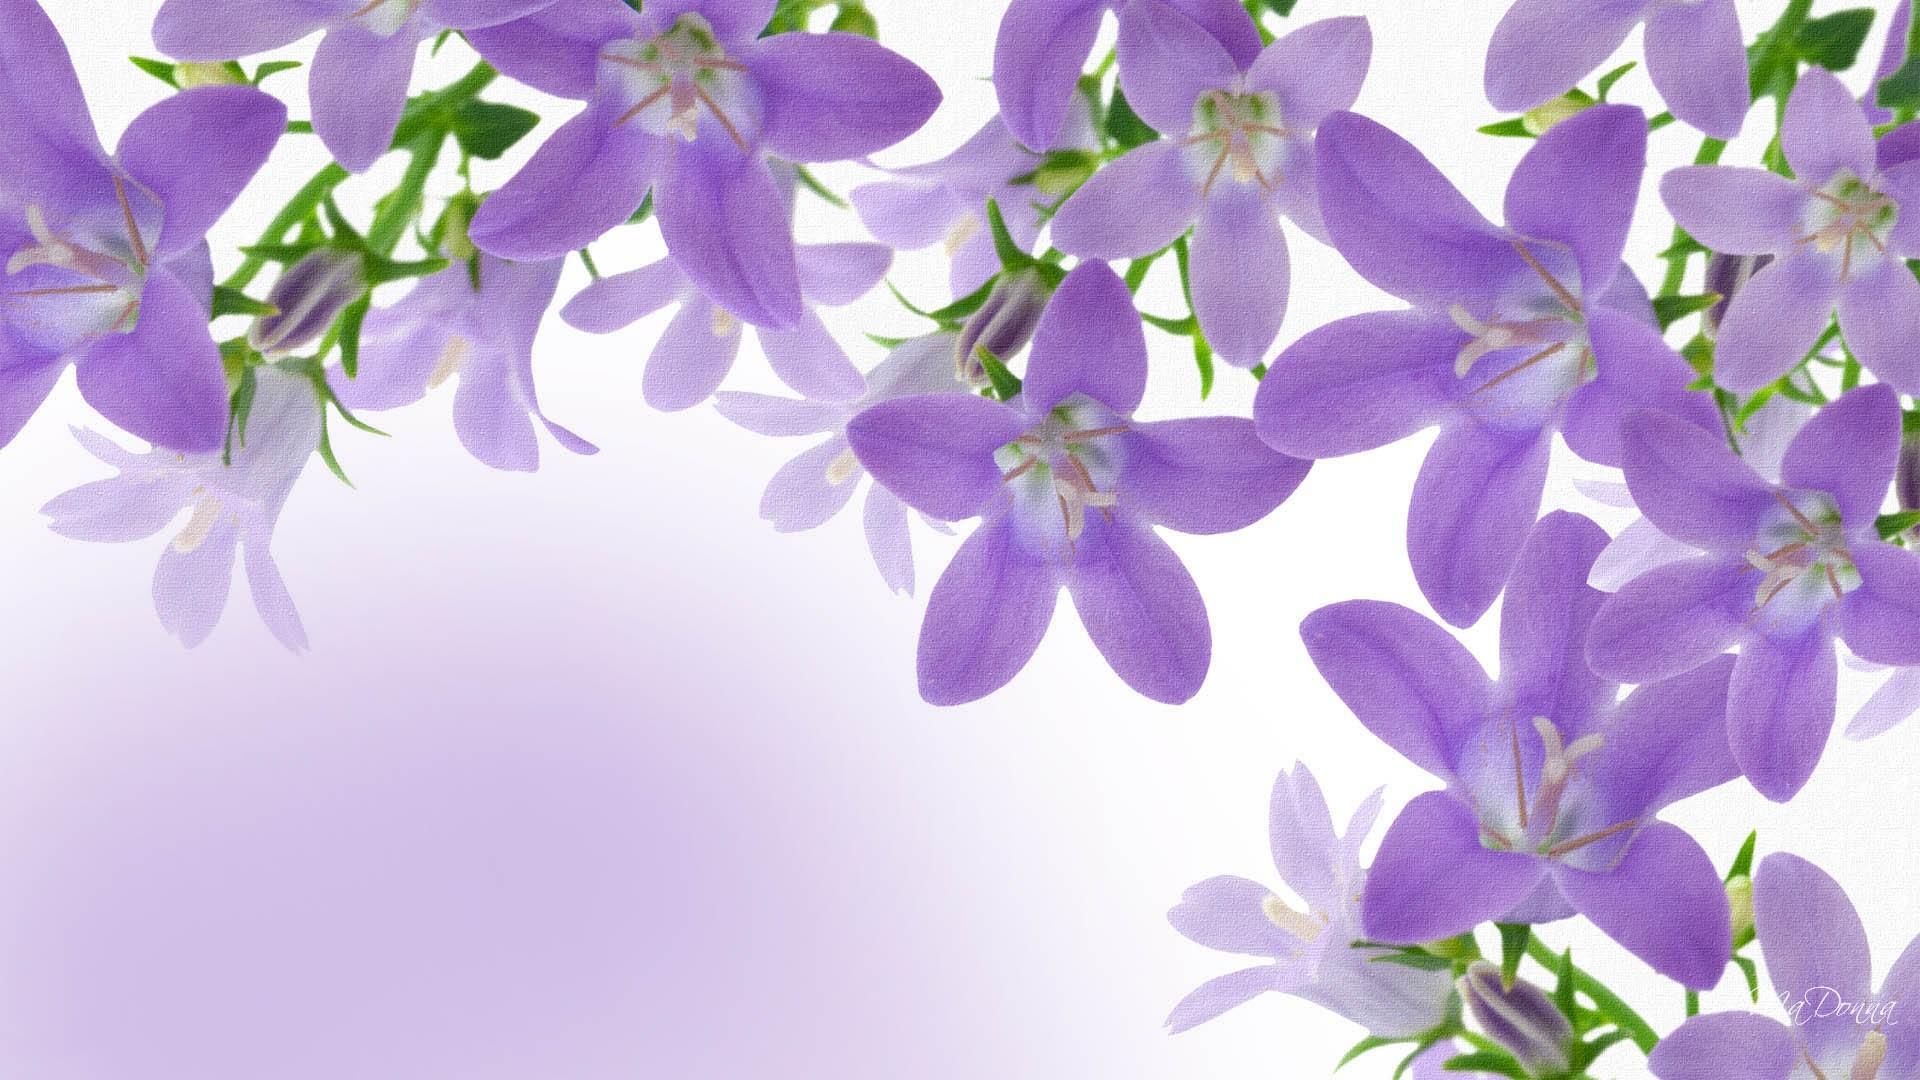 Hình ảnh hoa tím mùa xuân đẹp